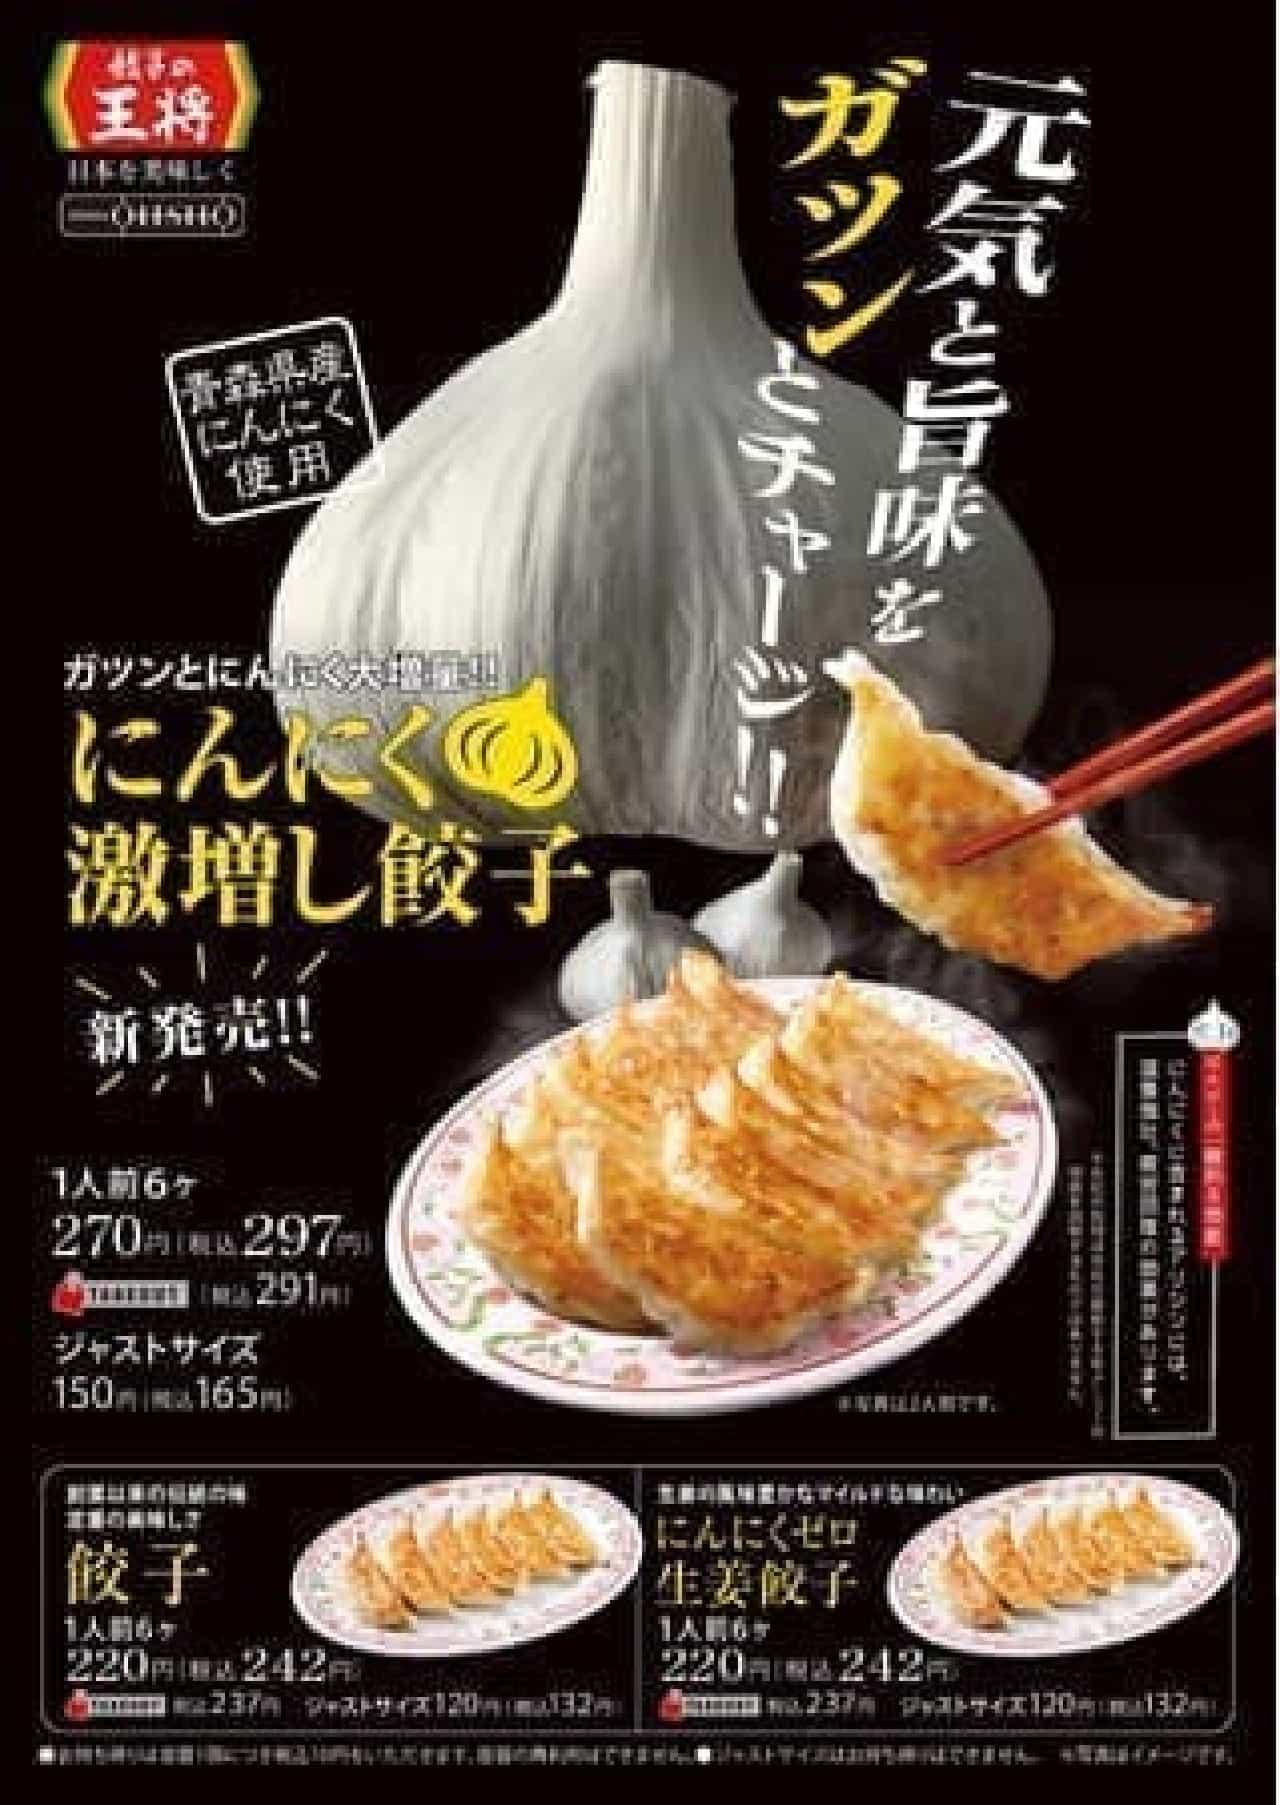 餃子の王将「にんにく激増し餃子」青森県産にんにくを2倍使用